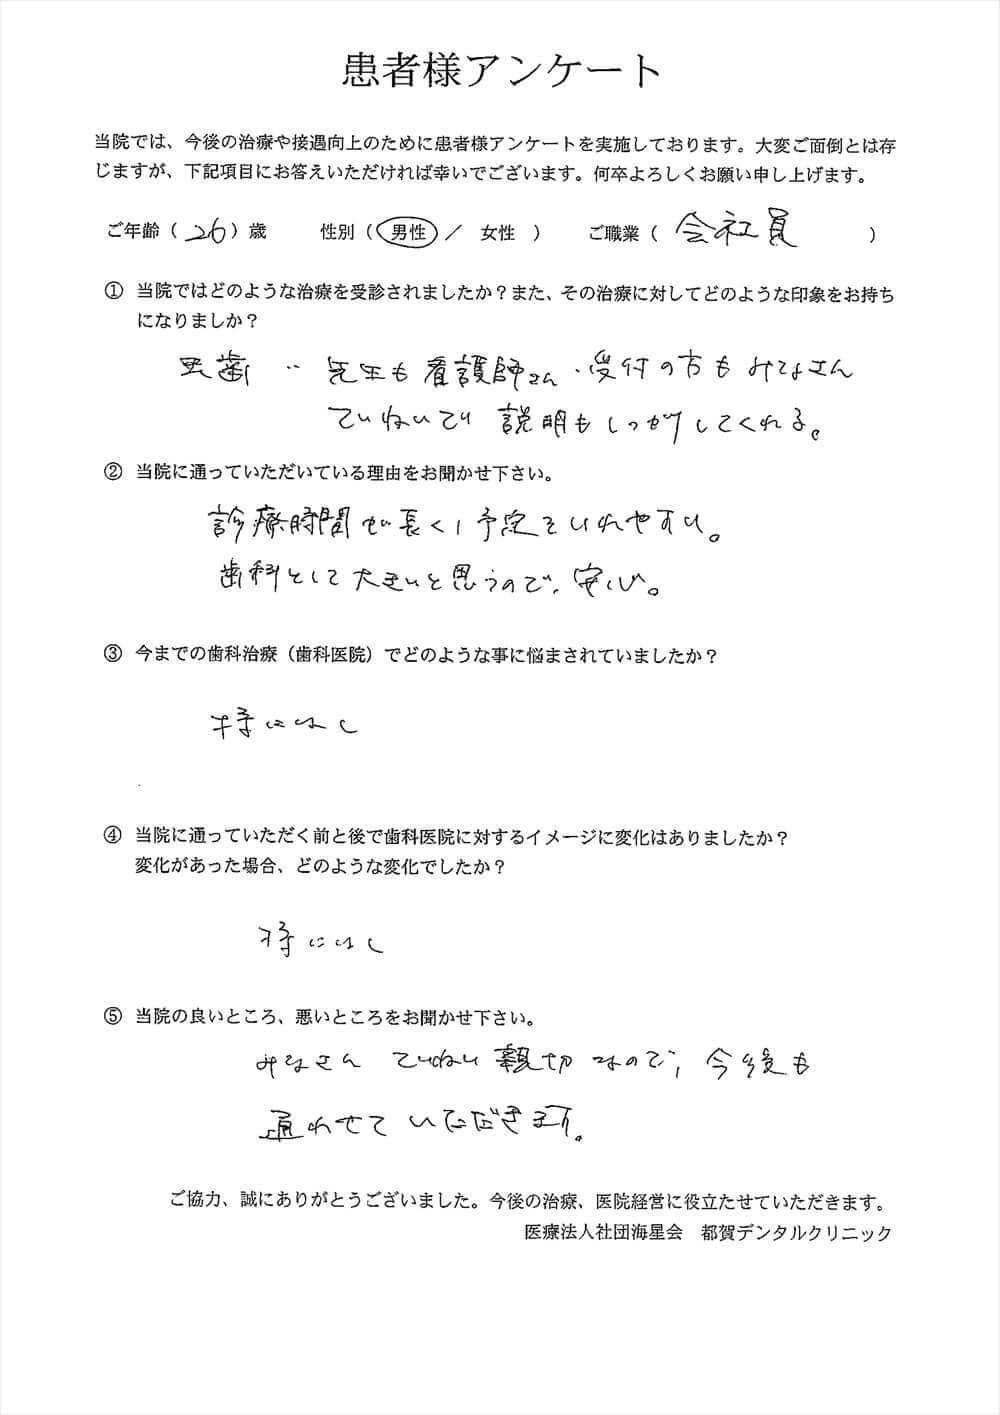 都賀デンタルクリニックの口コミアンケート7